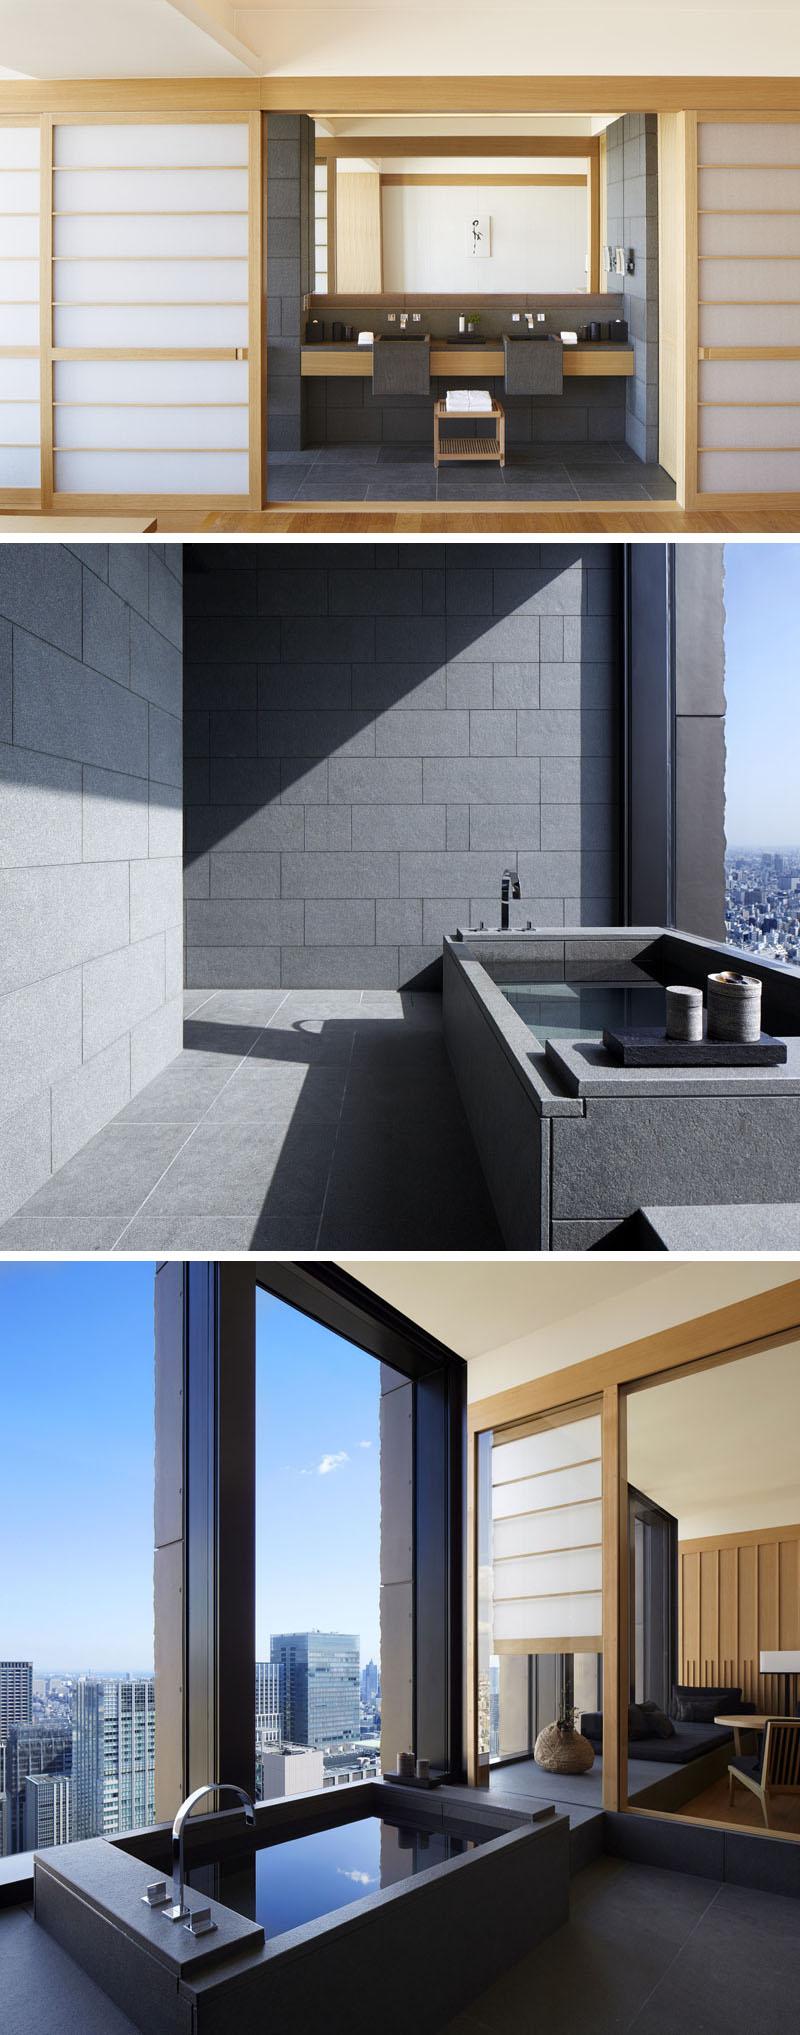 4-decoração-contemporanea-com-elementos-da-cultura-japonesa